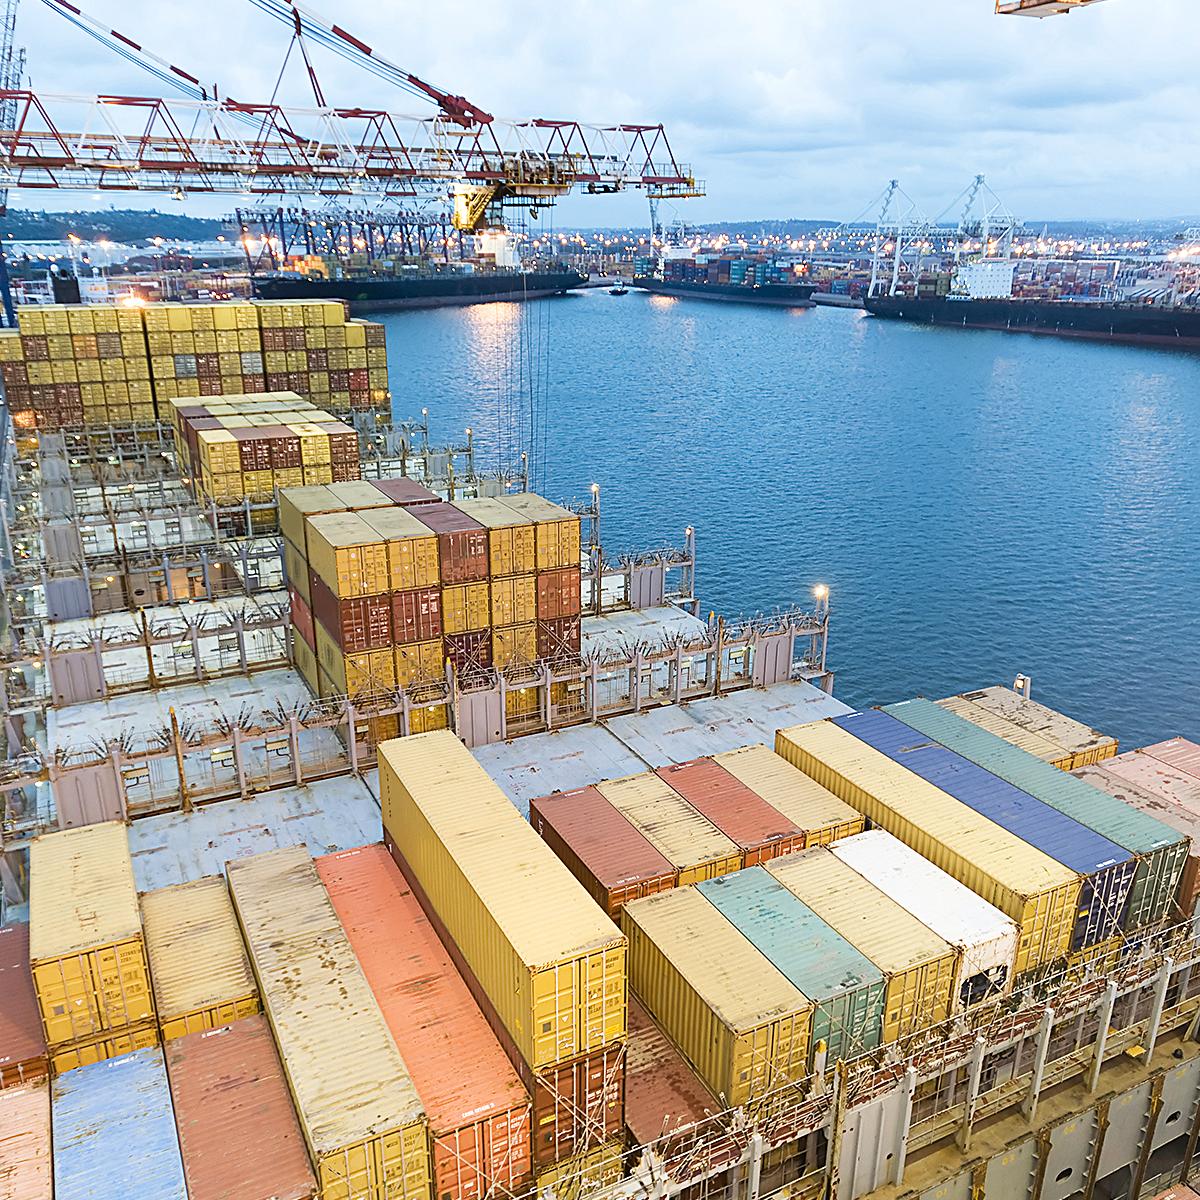 lcl-maritim-lcl-freight